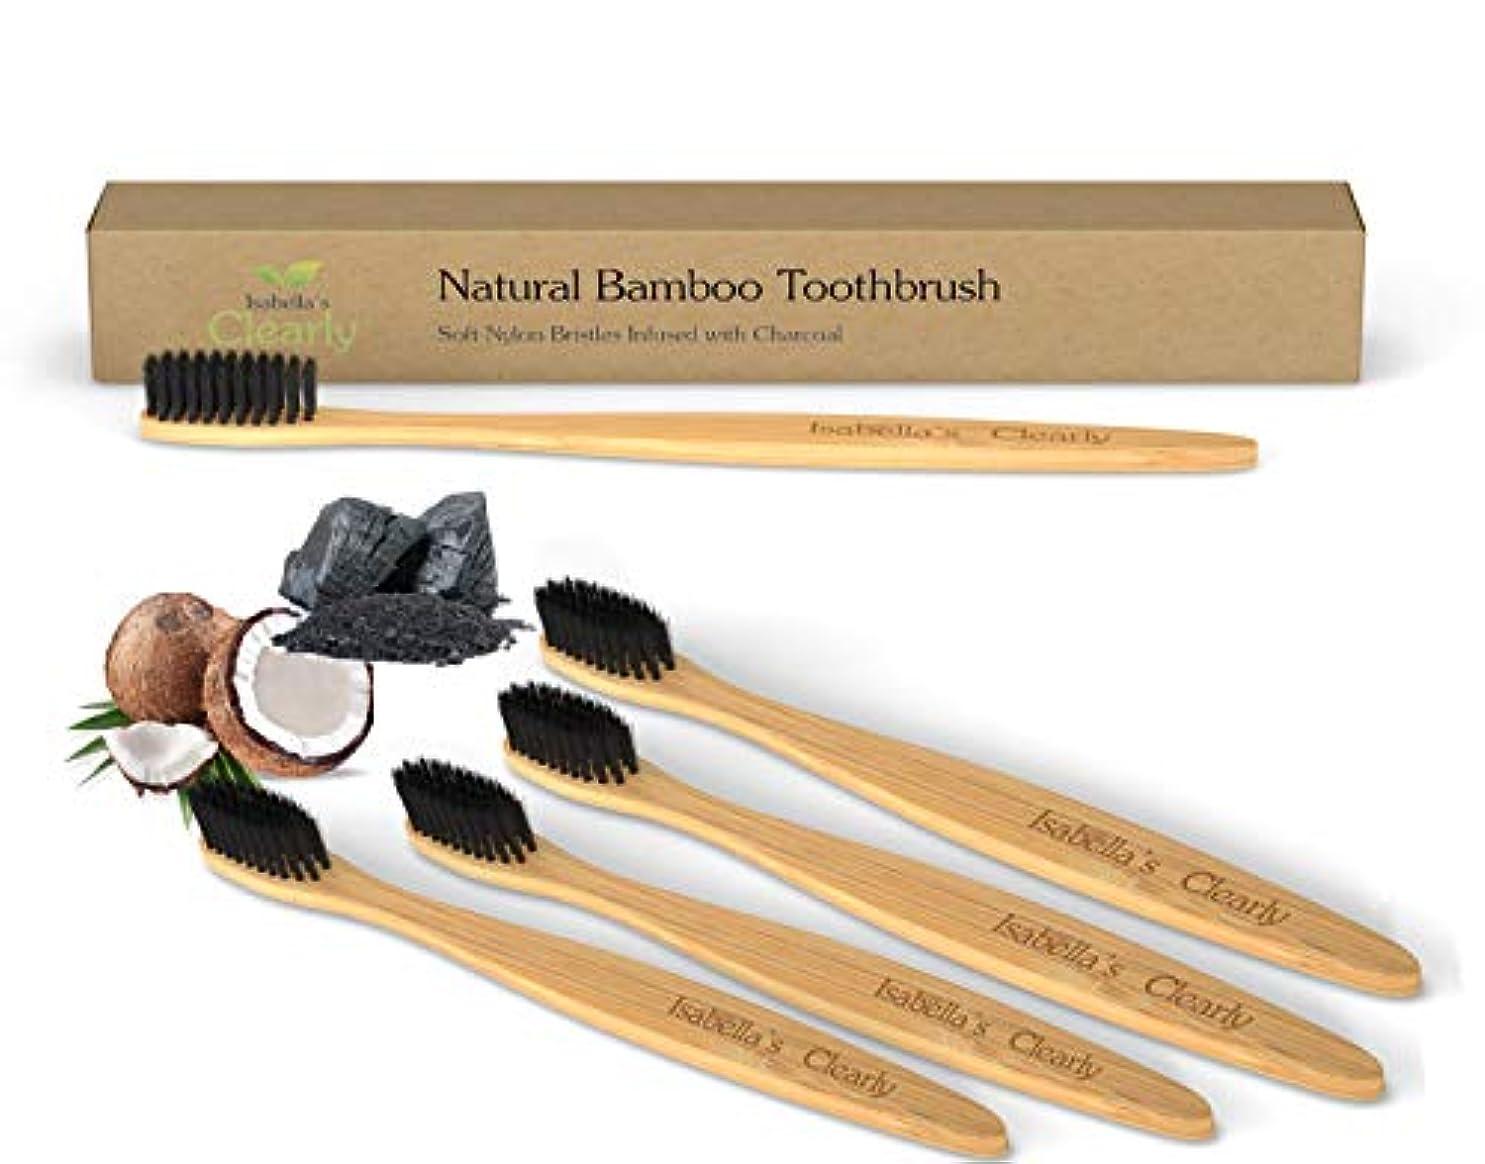 ナースピストルバスIsabella's Clearly 竹の歯ブラシ、優しく柔らかな木炭注入されたナイロン製のBPAフリーの毛、天然有機材料 4